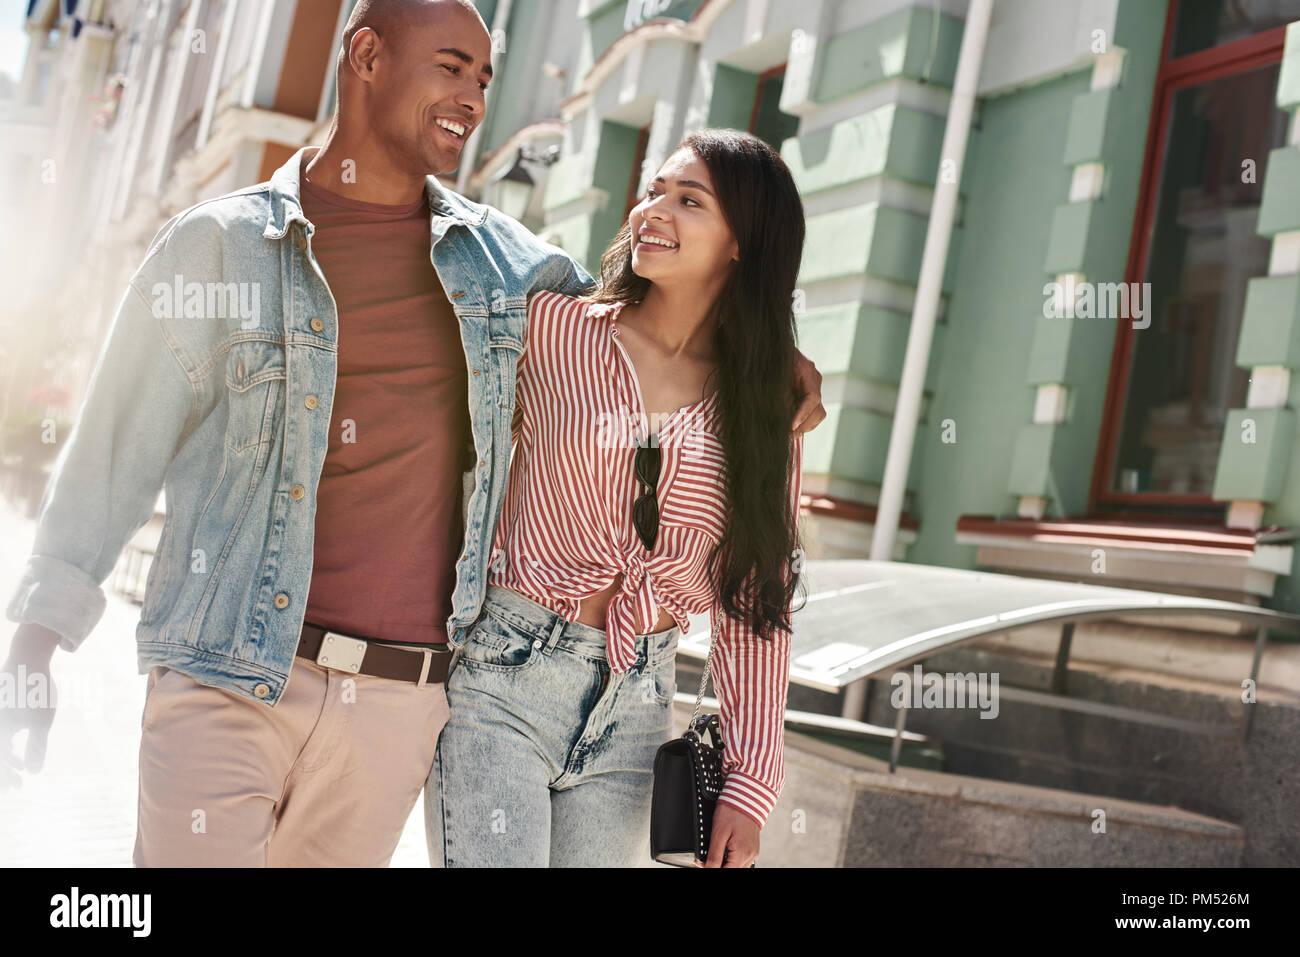 Relación romántica. Joven pareja diversa caminando por las calles de la ciudad abrazando a mirarse hablando sonriendo feliz Imagen De Stock